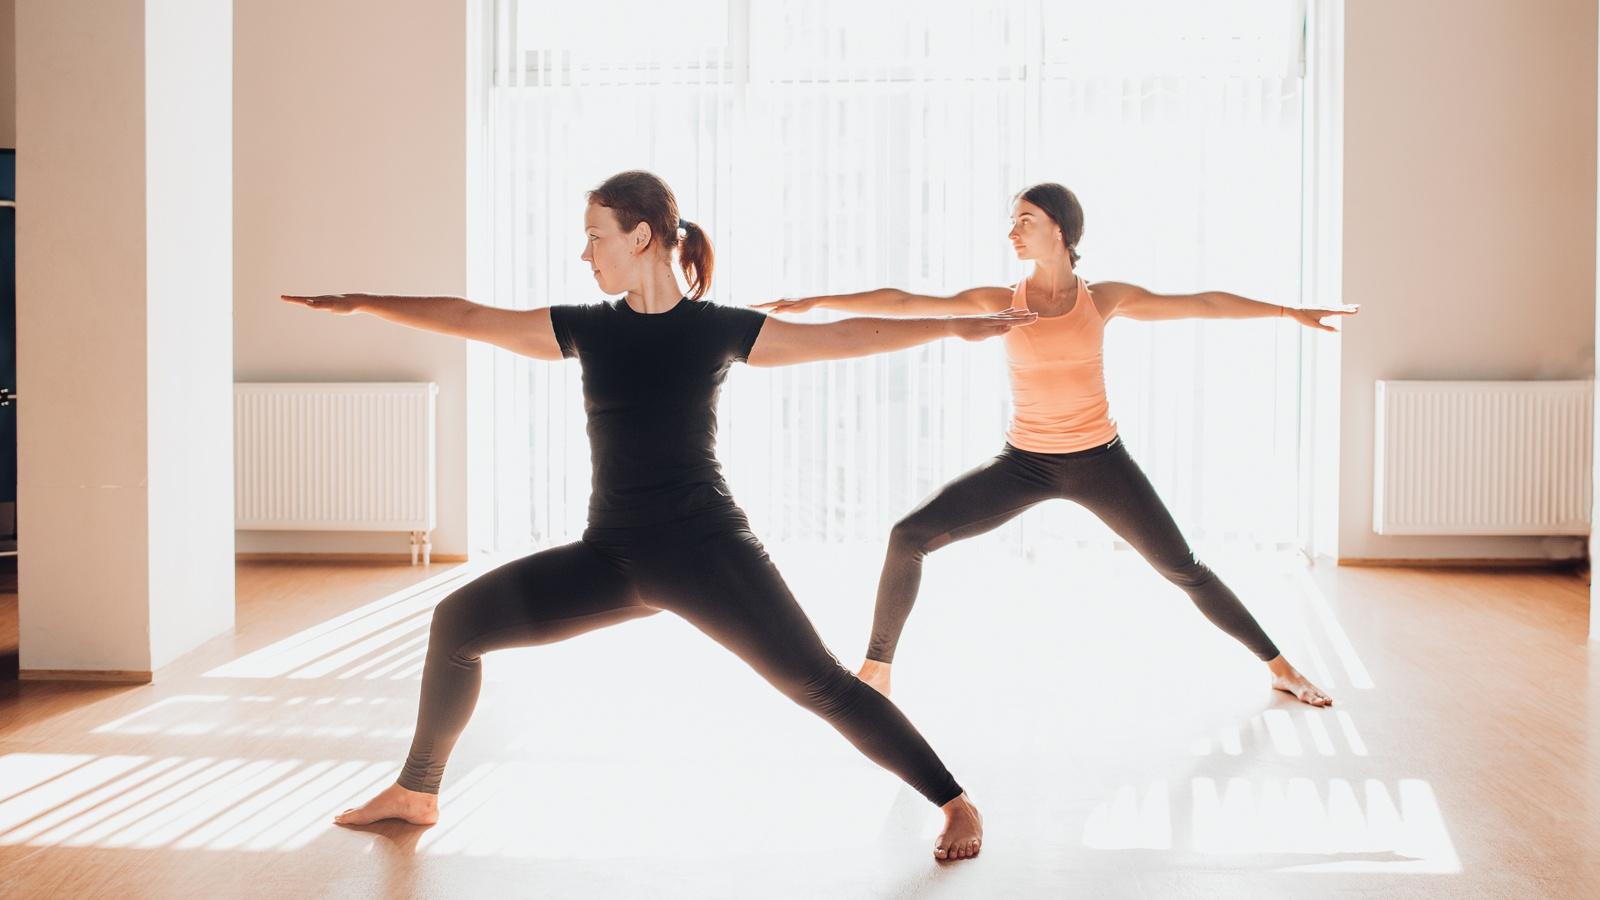 4 tư thế sai khi tập tành khiến các chị em tập hoài vẫn không giảm được cân nào - Ảnh 6.